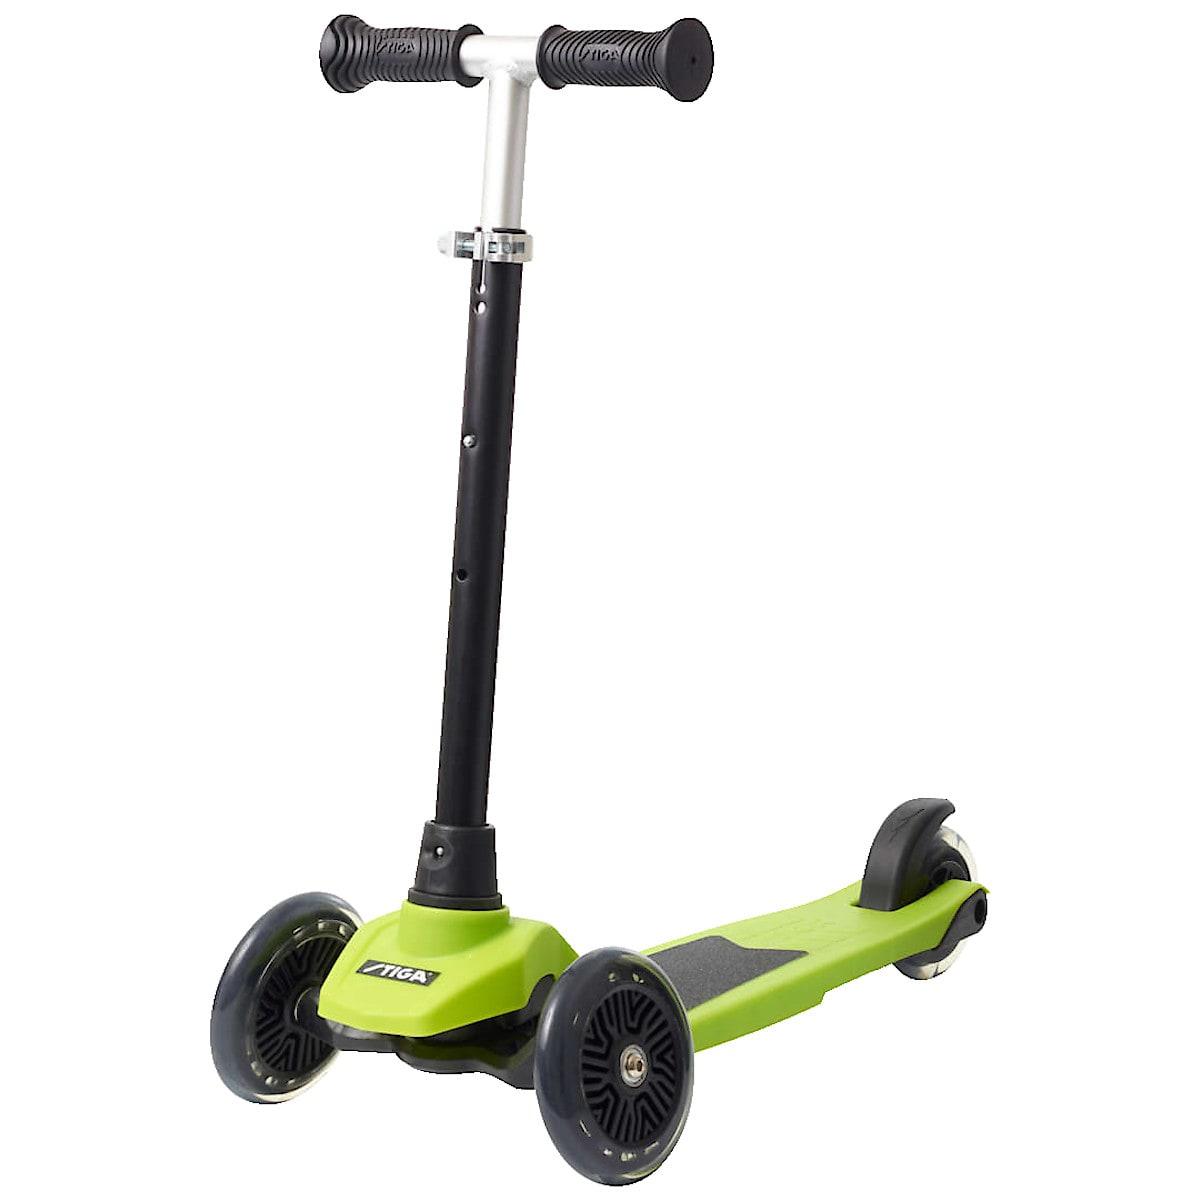 Potkulauta Stiga Mini Kick Supreme Green